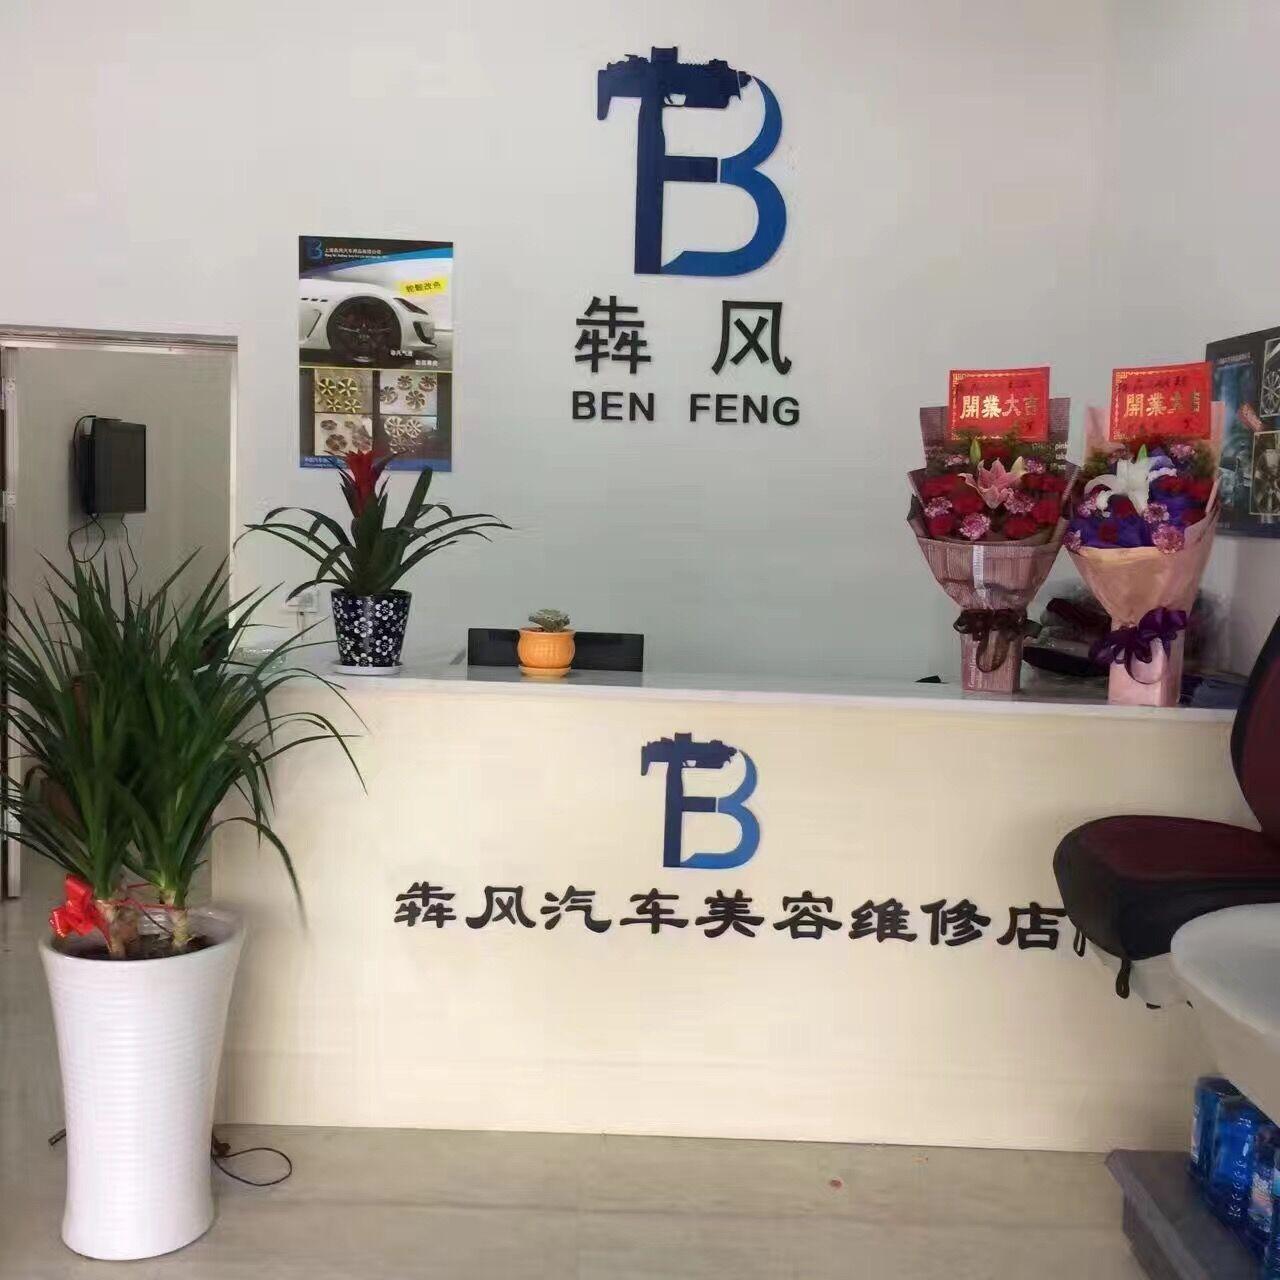 上海犇风快喷大灯翻新修复